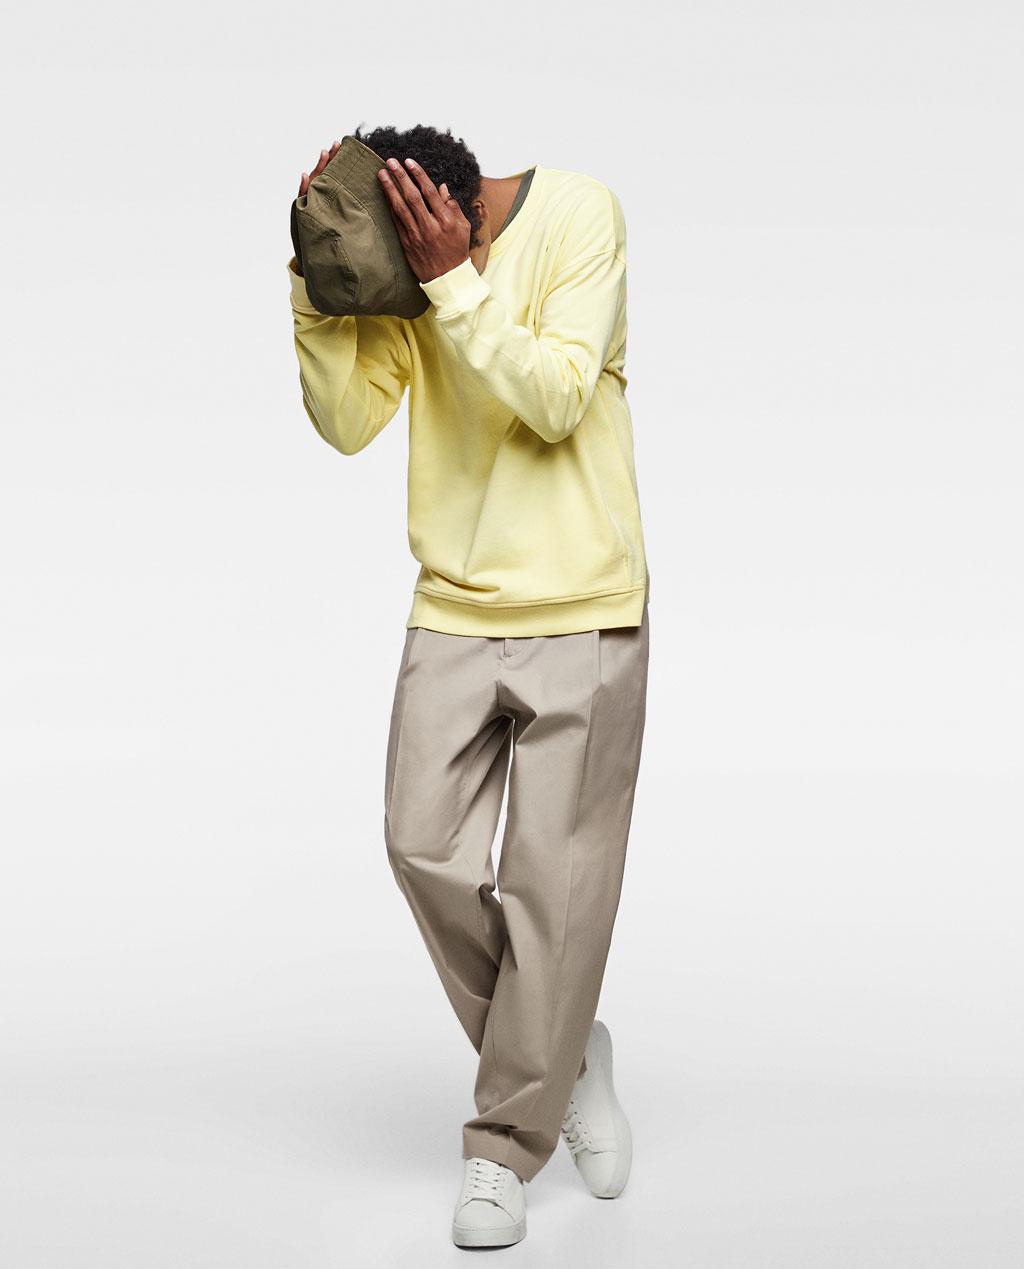 Thời trang nam Zara  24028 - ảnh 3